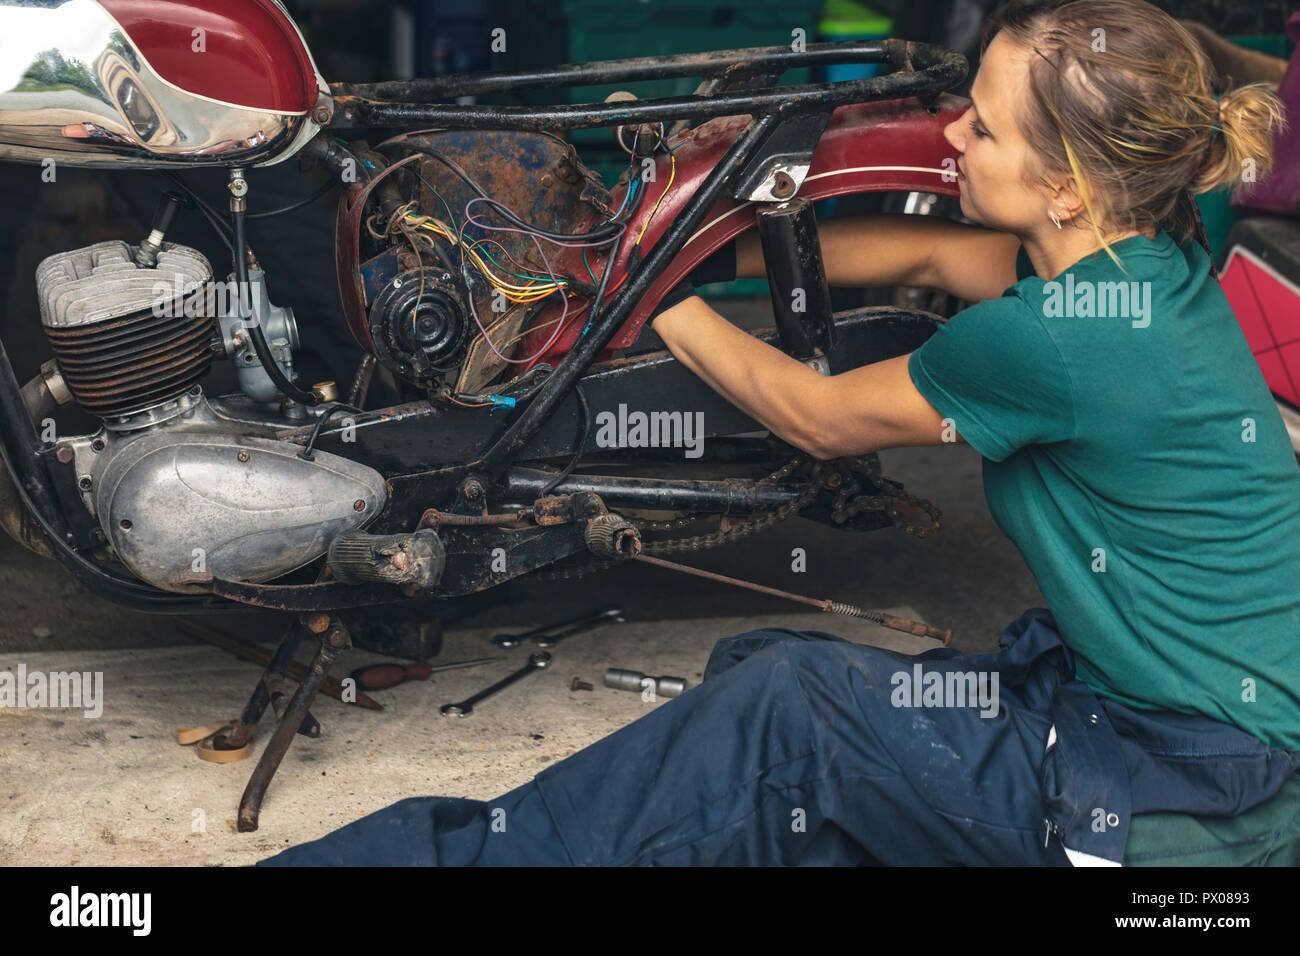 Meccanico femmina la riparazione di moto nel garage Foto Stock